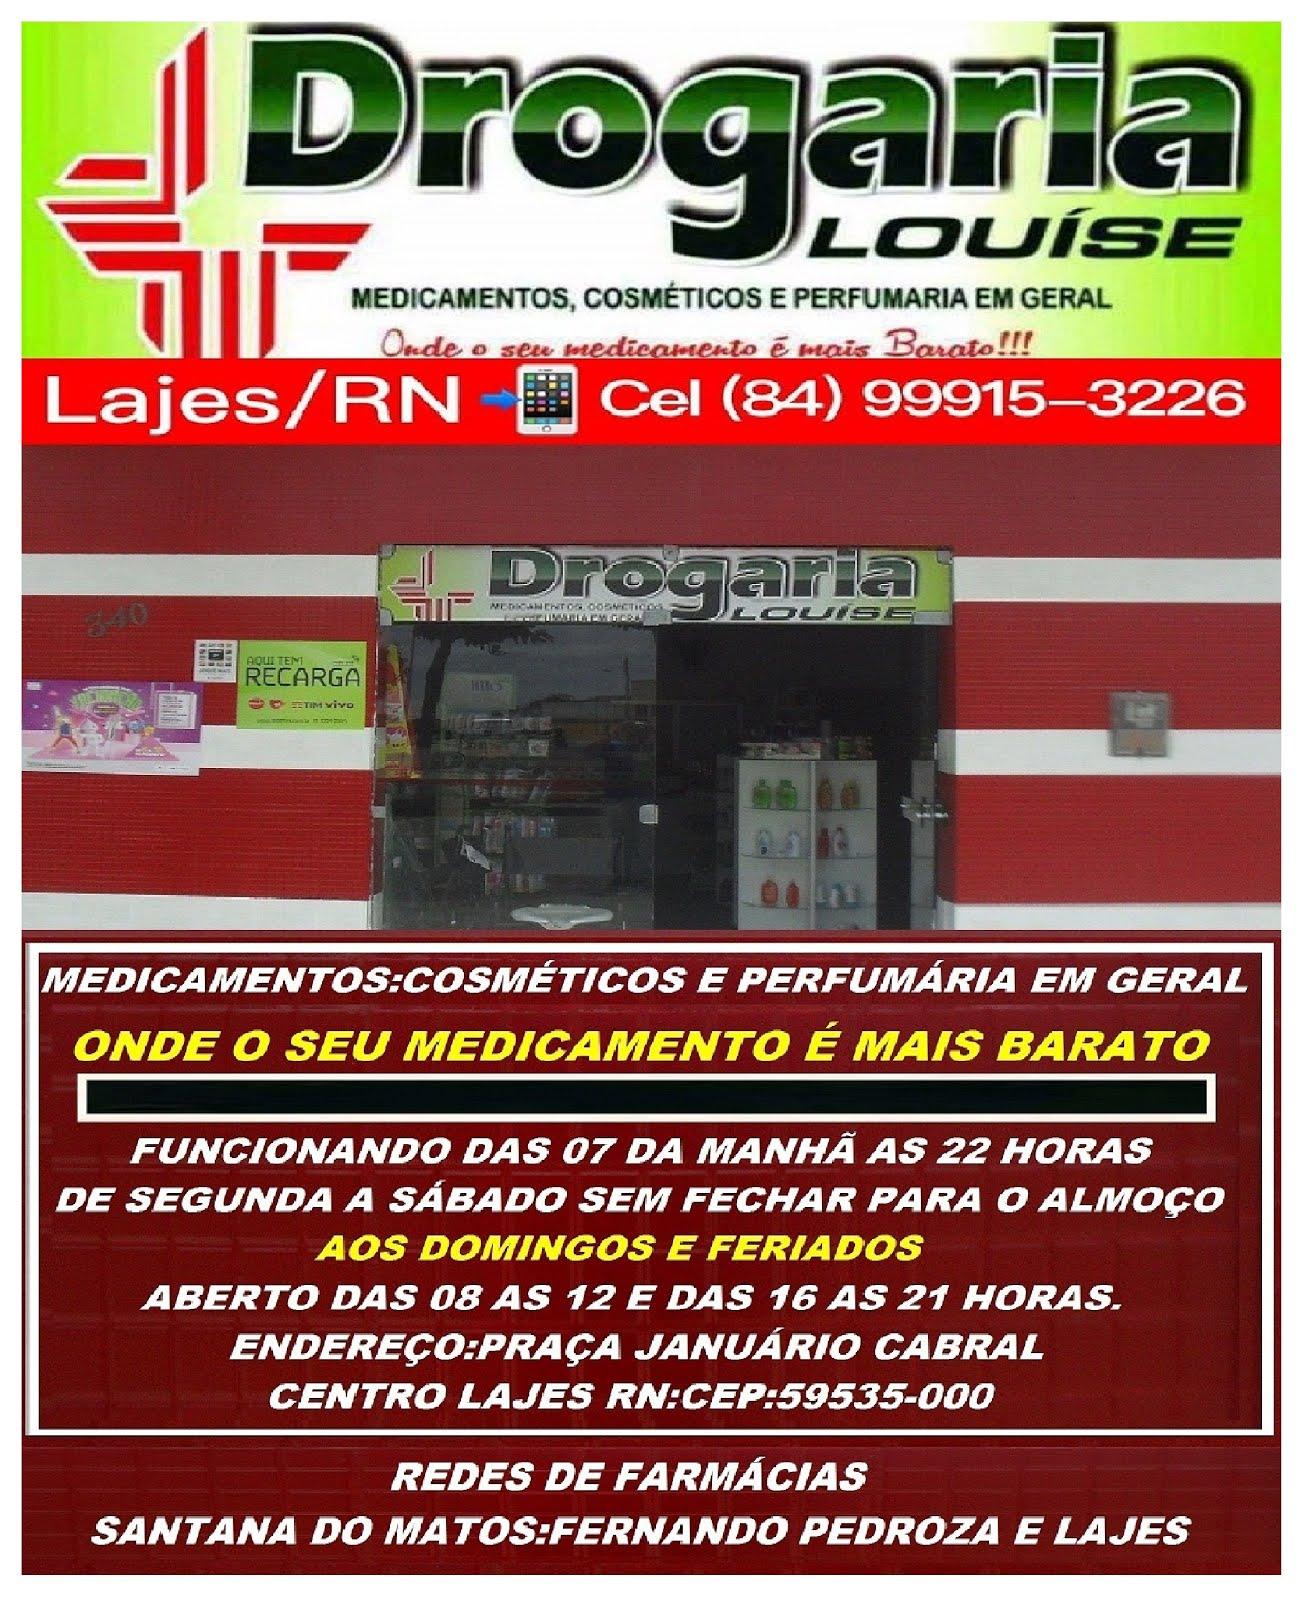 DROGARIA LOUISE LAJES//RN